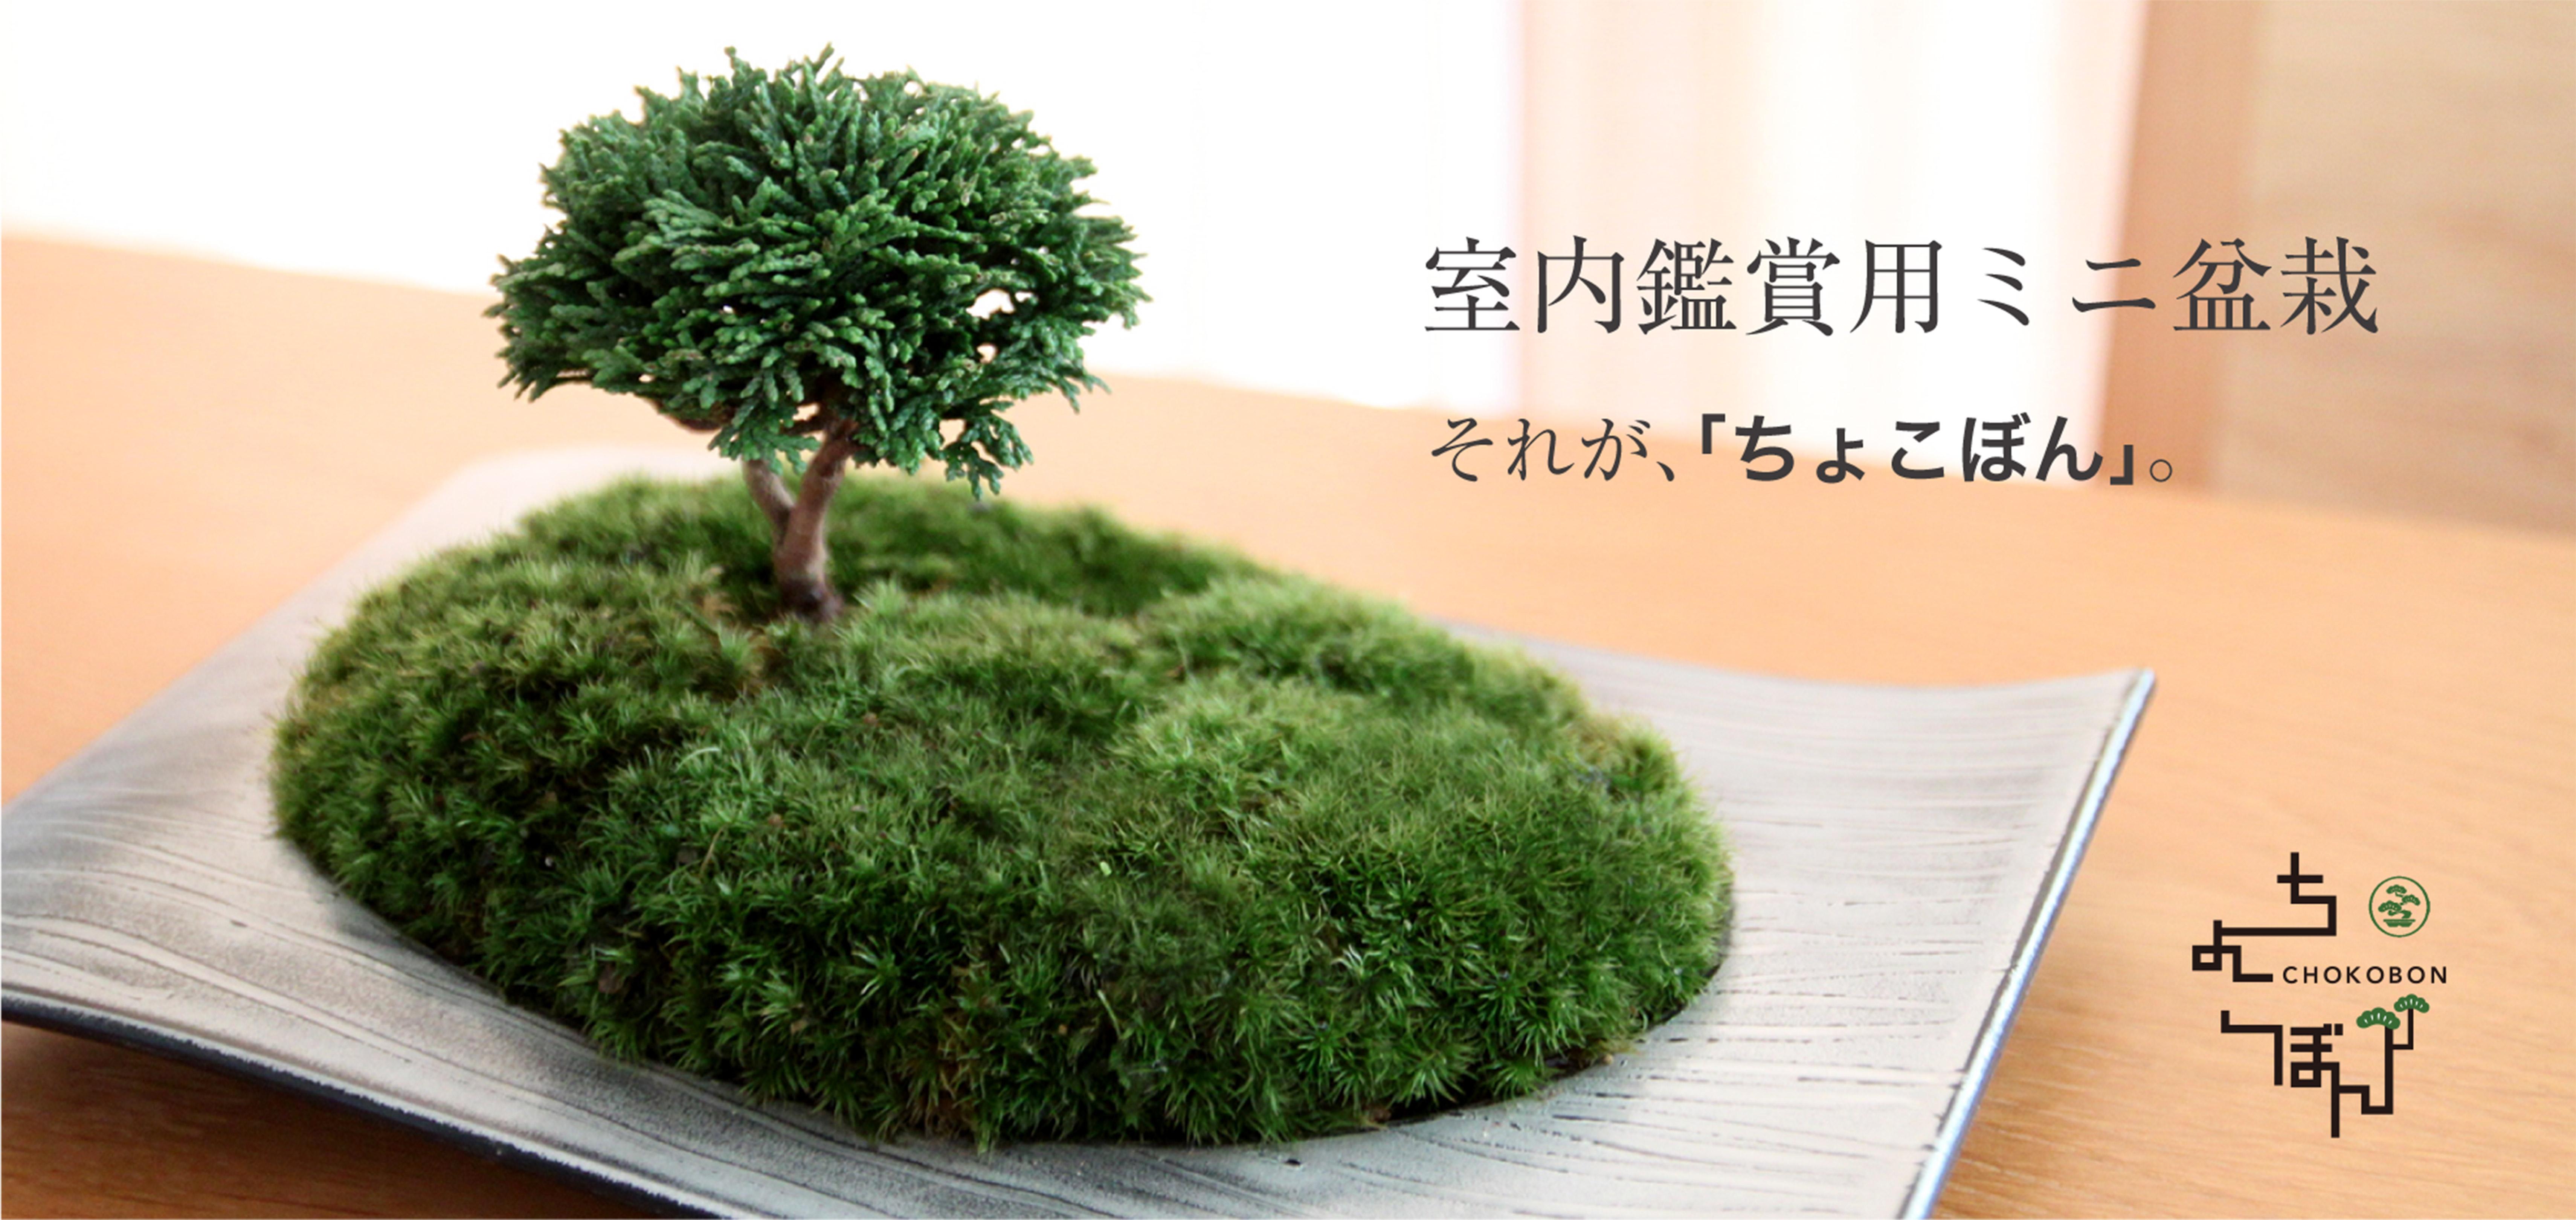 室内観賞用ミニ盆栽。それが、「ちょこぼん」